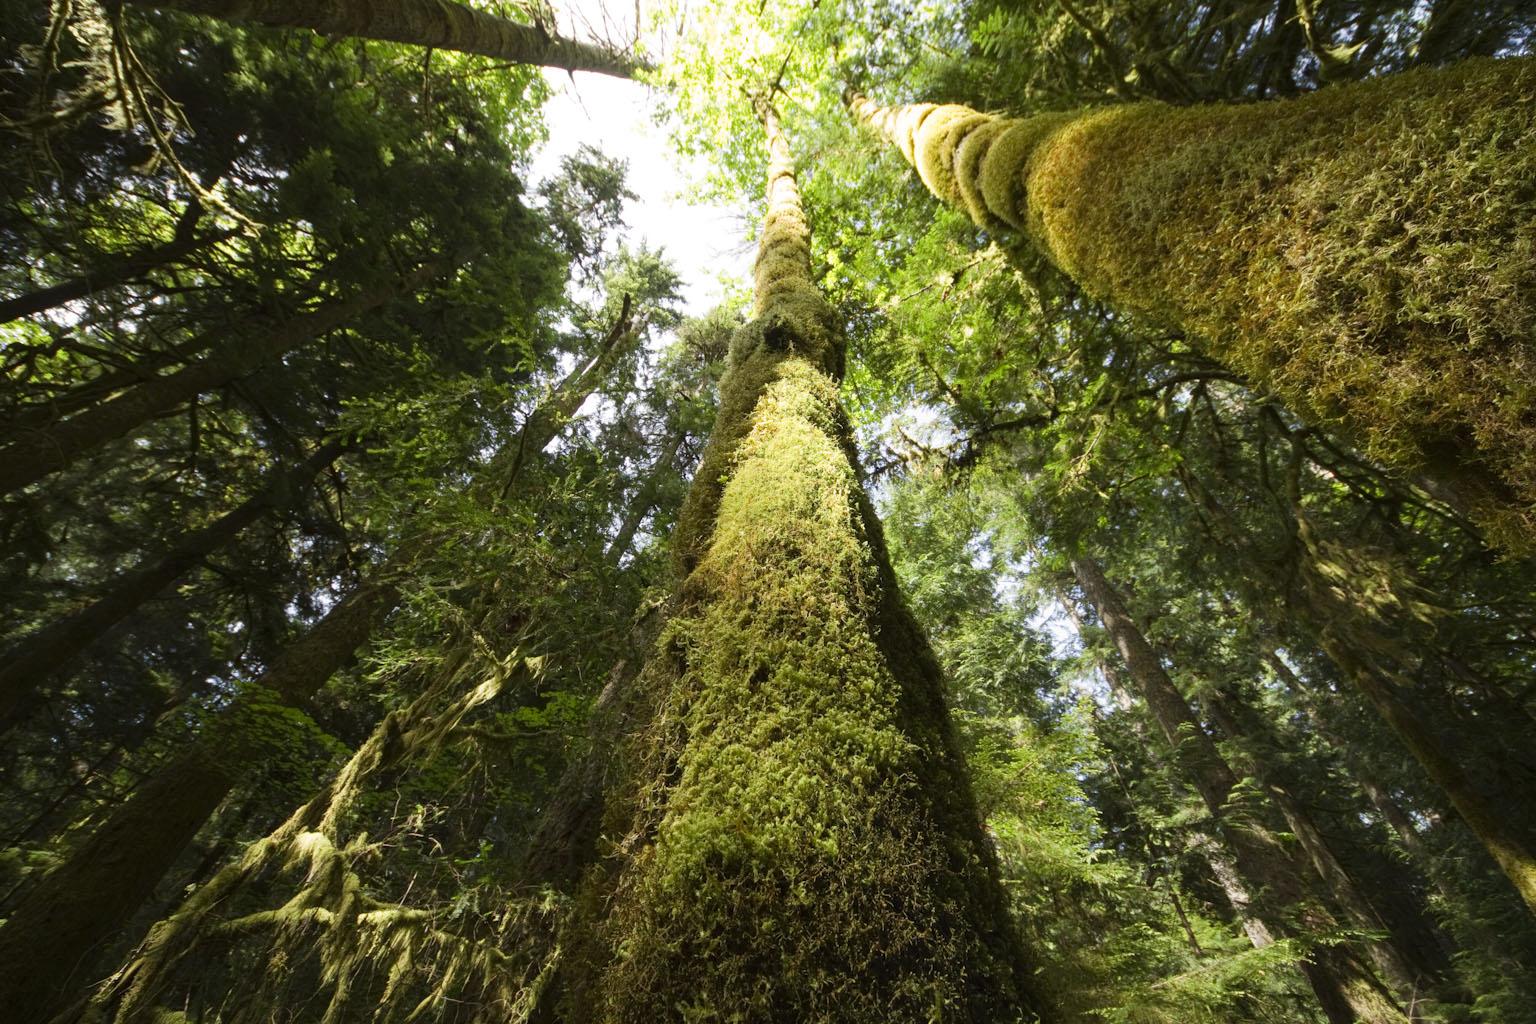 氷河を抱いた山の麓には、苔に覆われた温帯林が広がる zoom 氷河を抱いた山の麓には、苔に覆われ